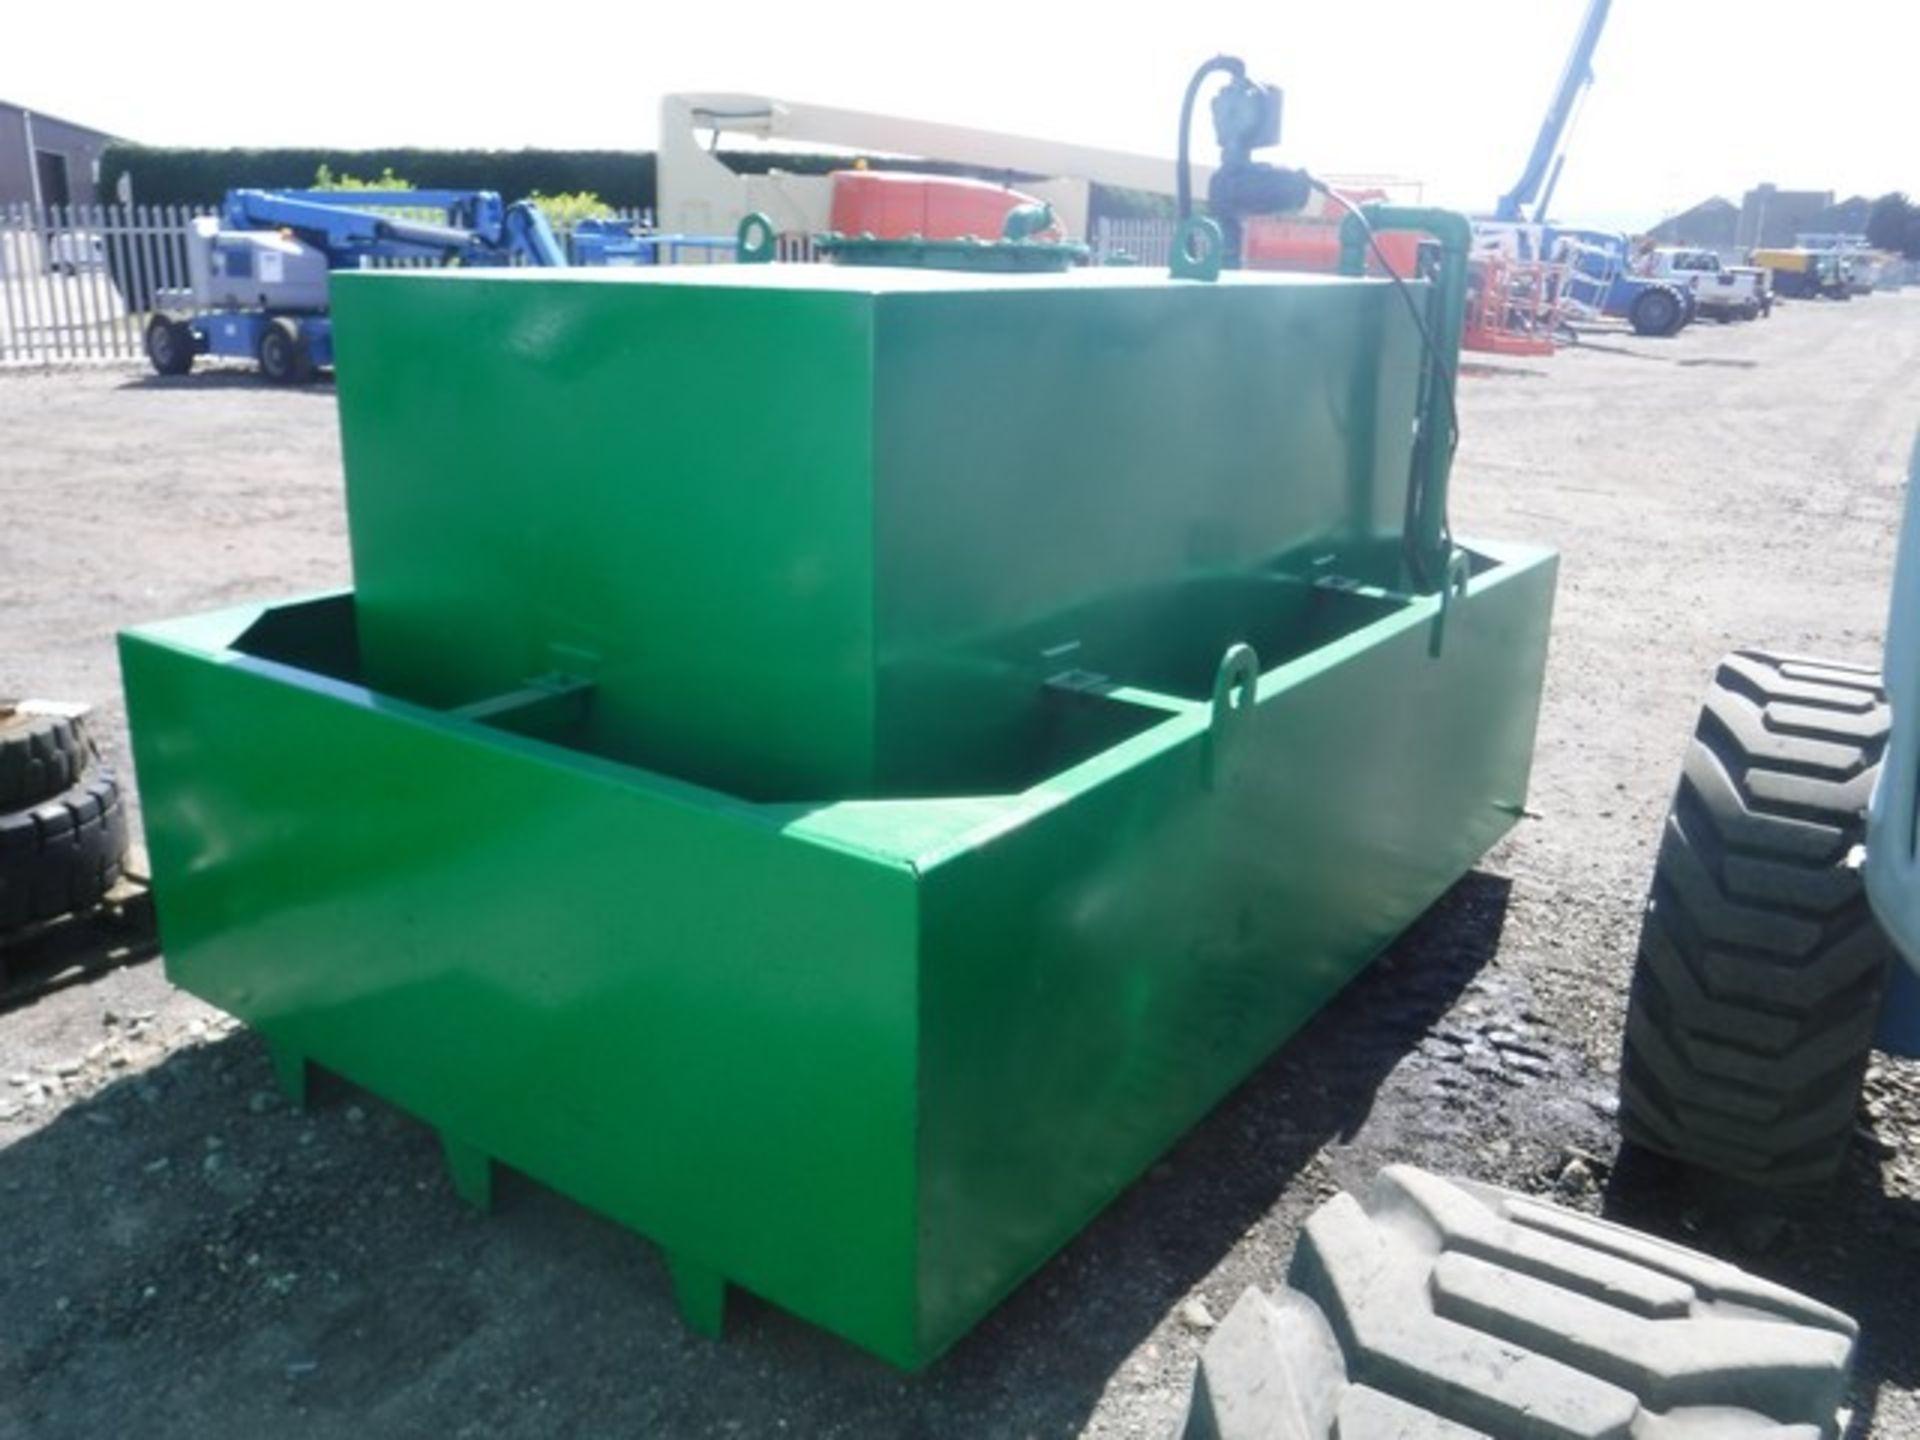 Auktionslos 230 - 2000LTR DERV bunded fuel tank